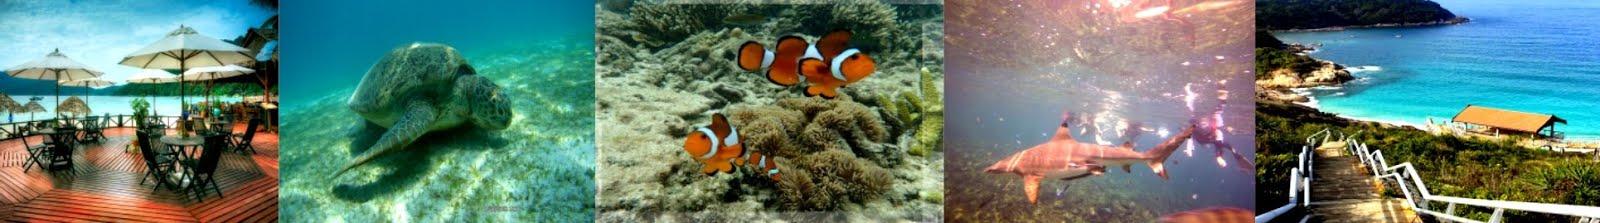 PERHENTIAN SEALIFE TRAVEL | Bajet Pakej Pulau Perhentian